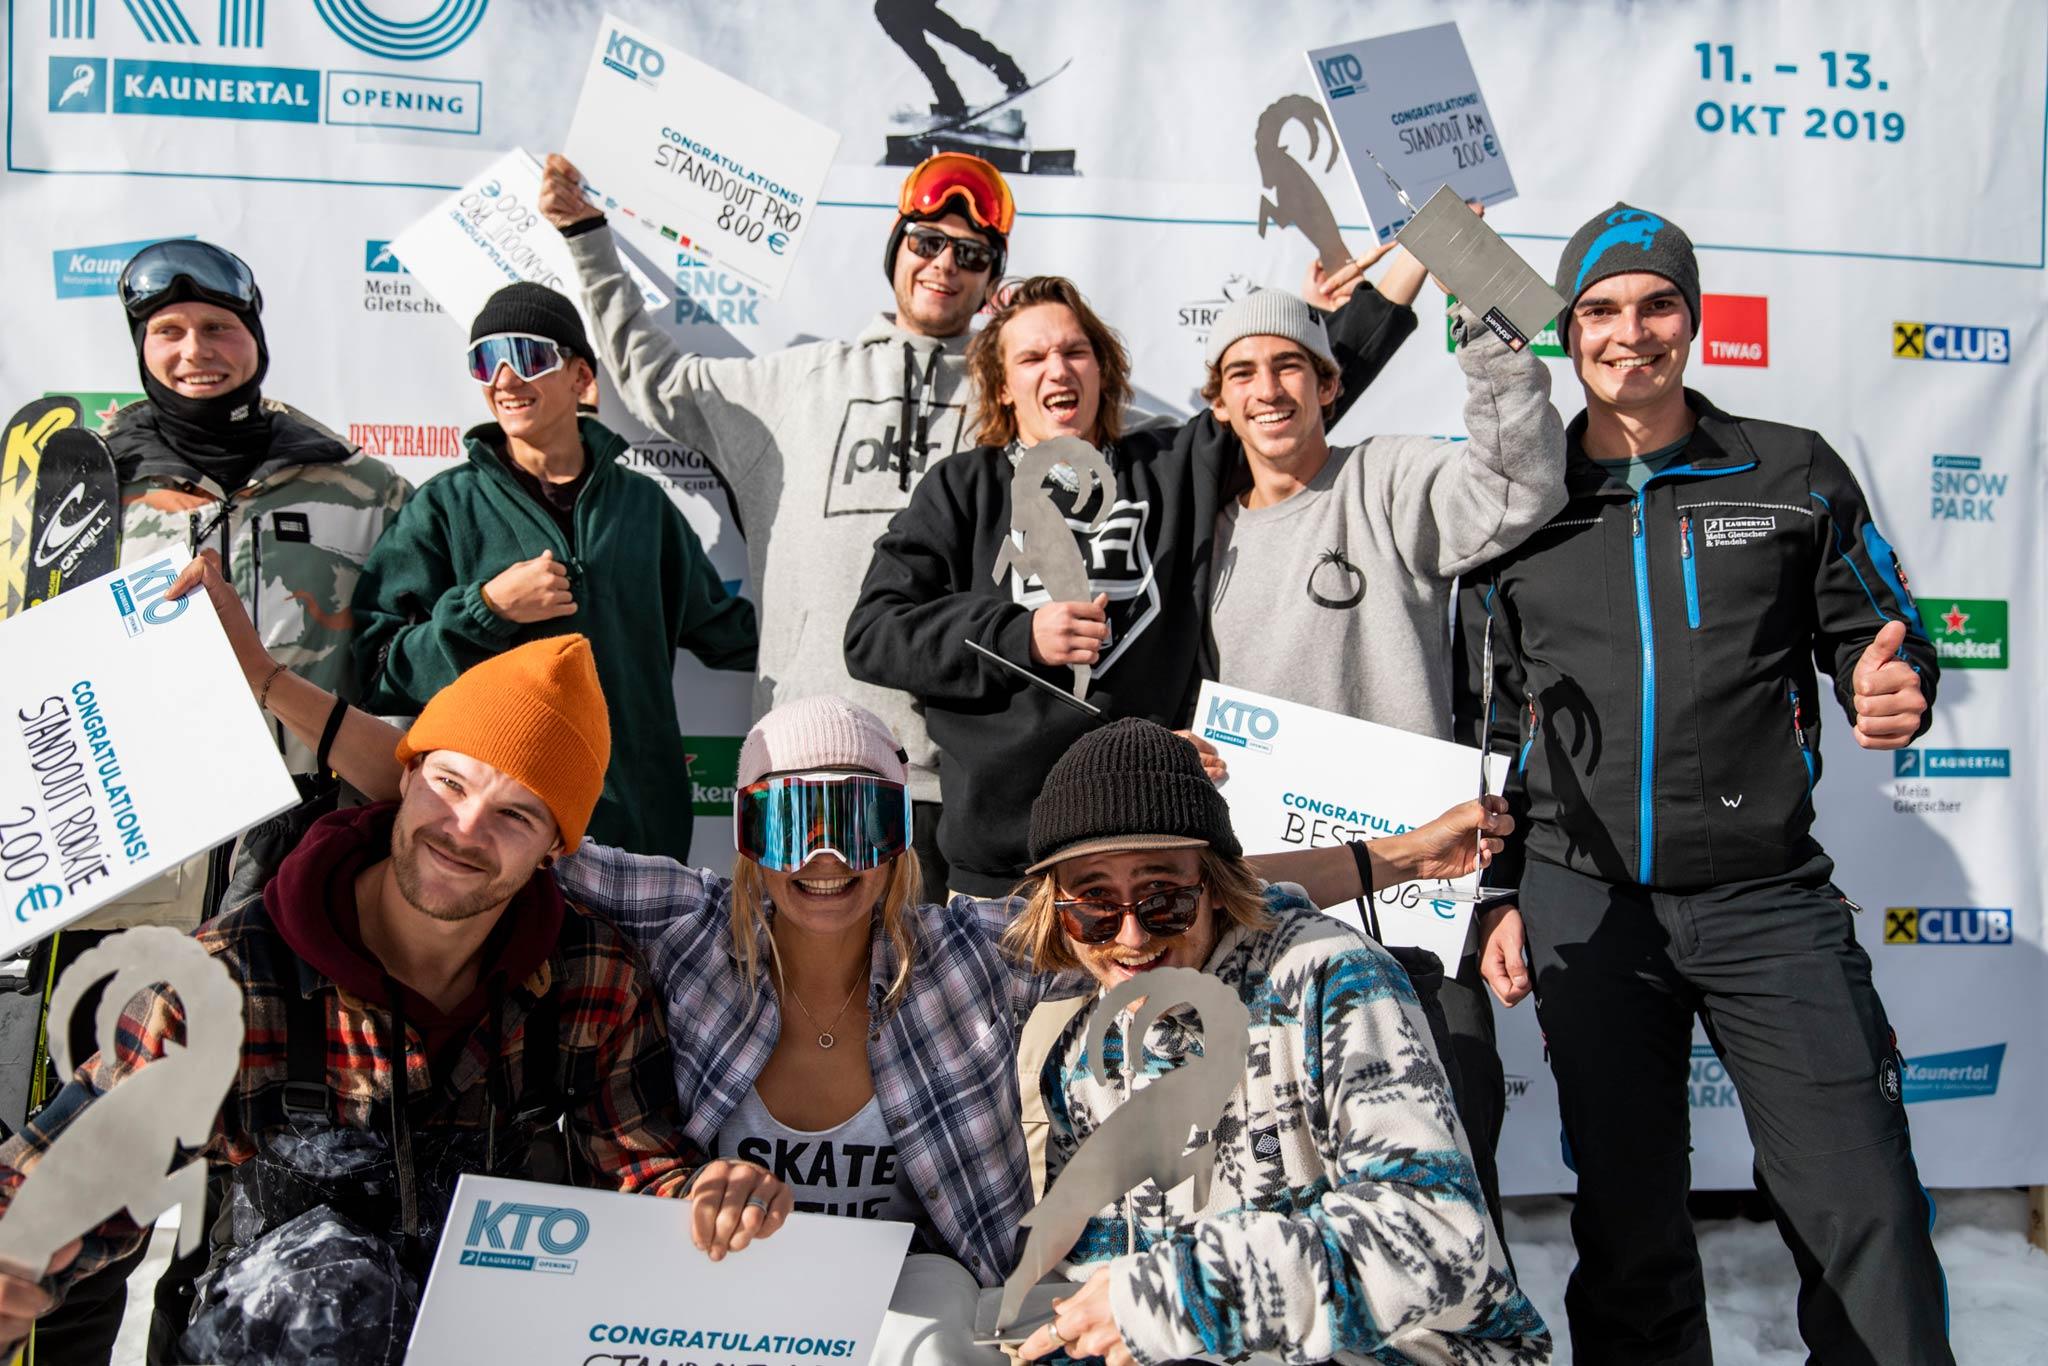 Die Gewinner der Overall Wertungen beim Kaunertal Opening 2019